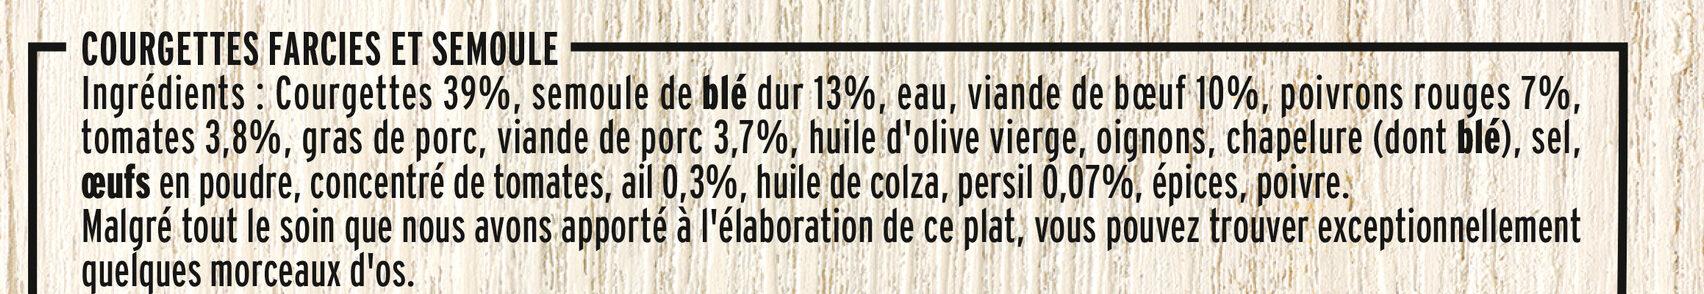 Courgettes farcies & semoule méridionale - Ingrediënten - fr